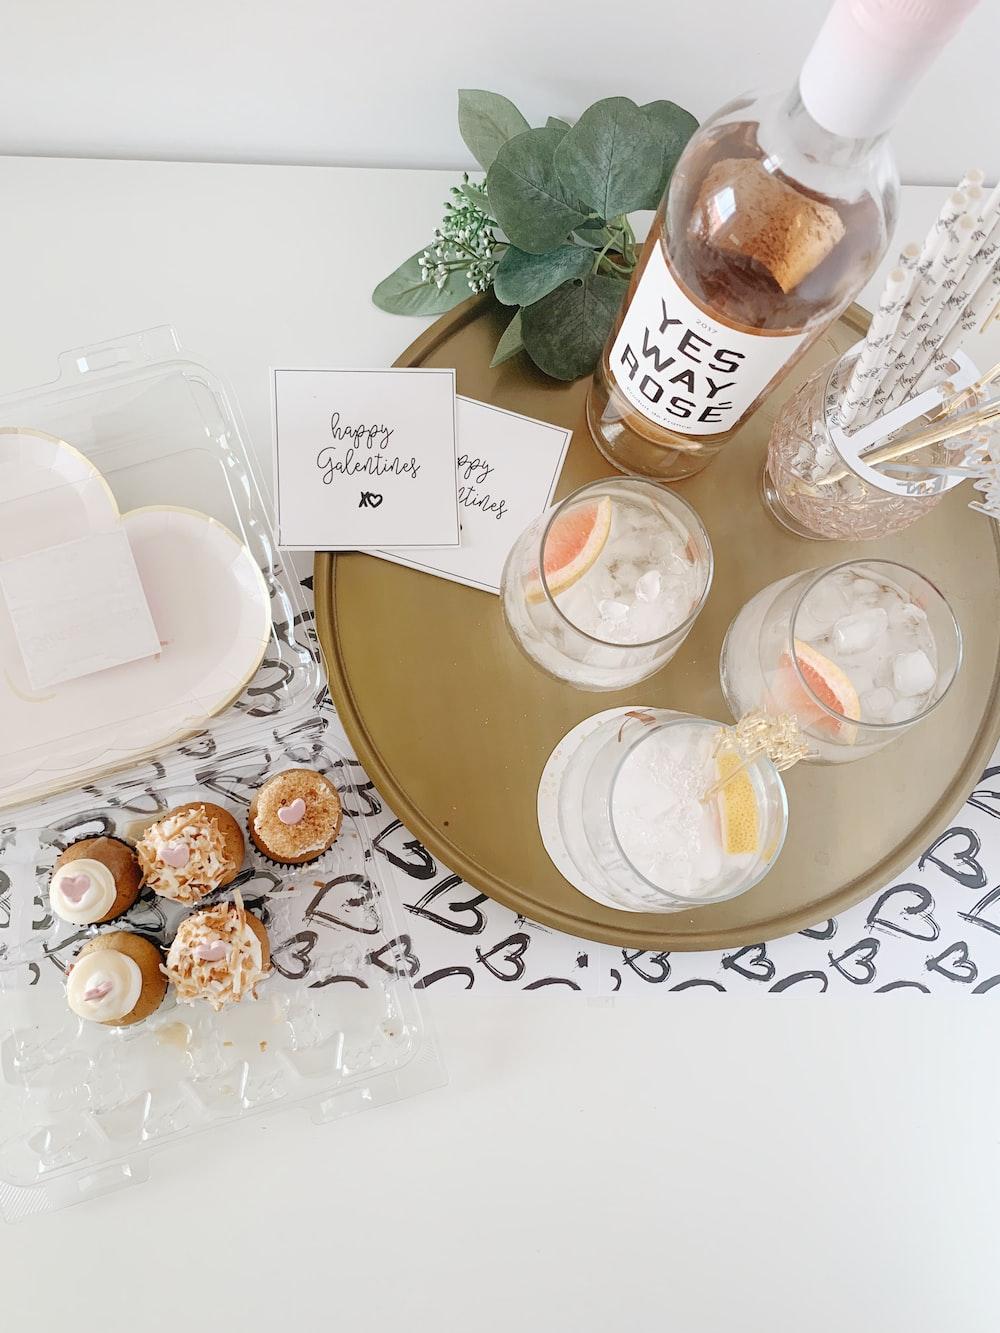 white wine bottle and goblet glasses